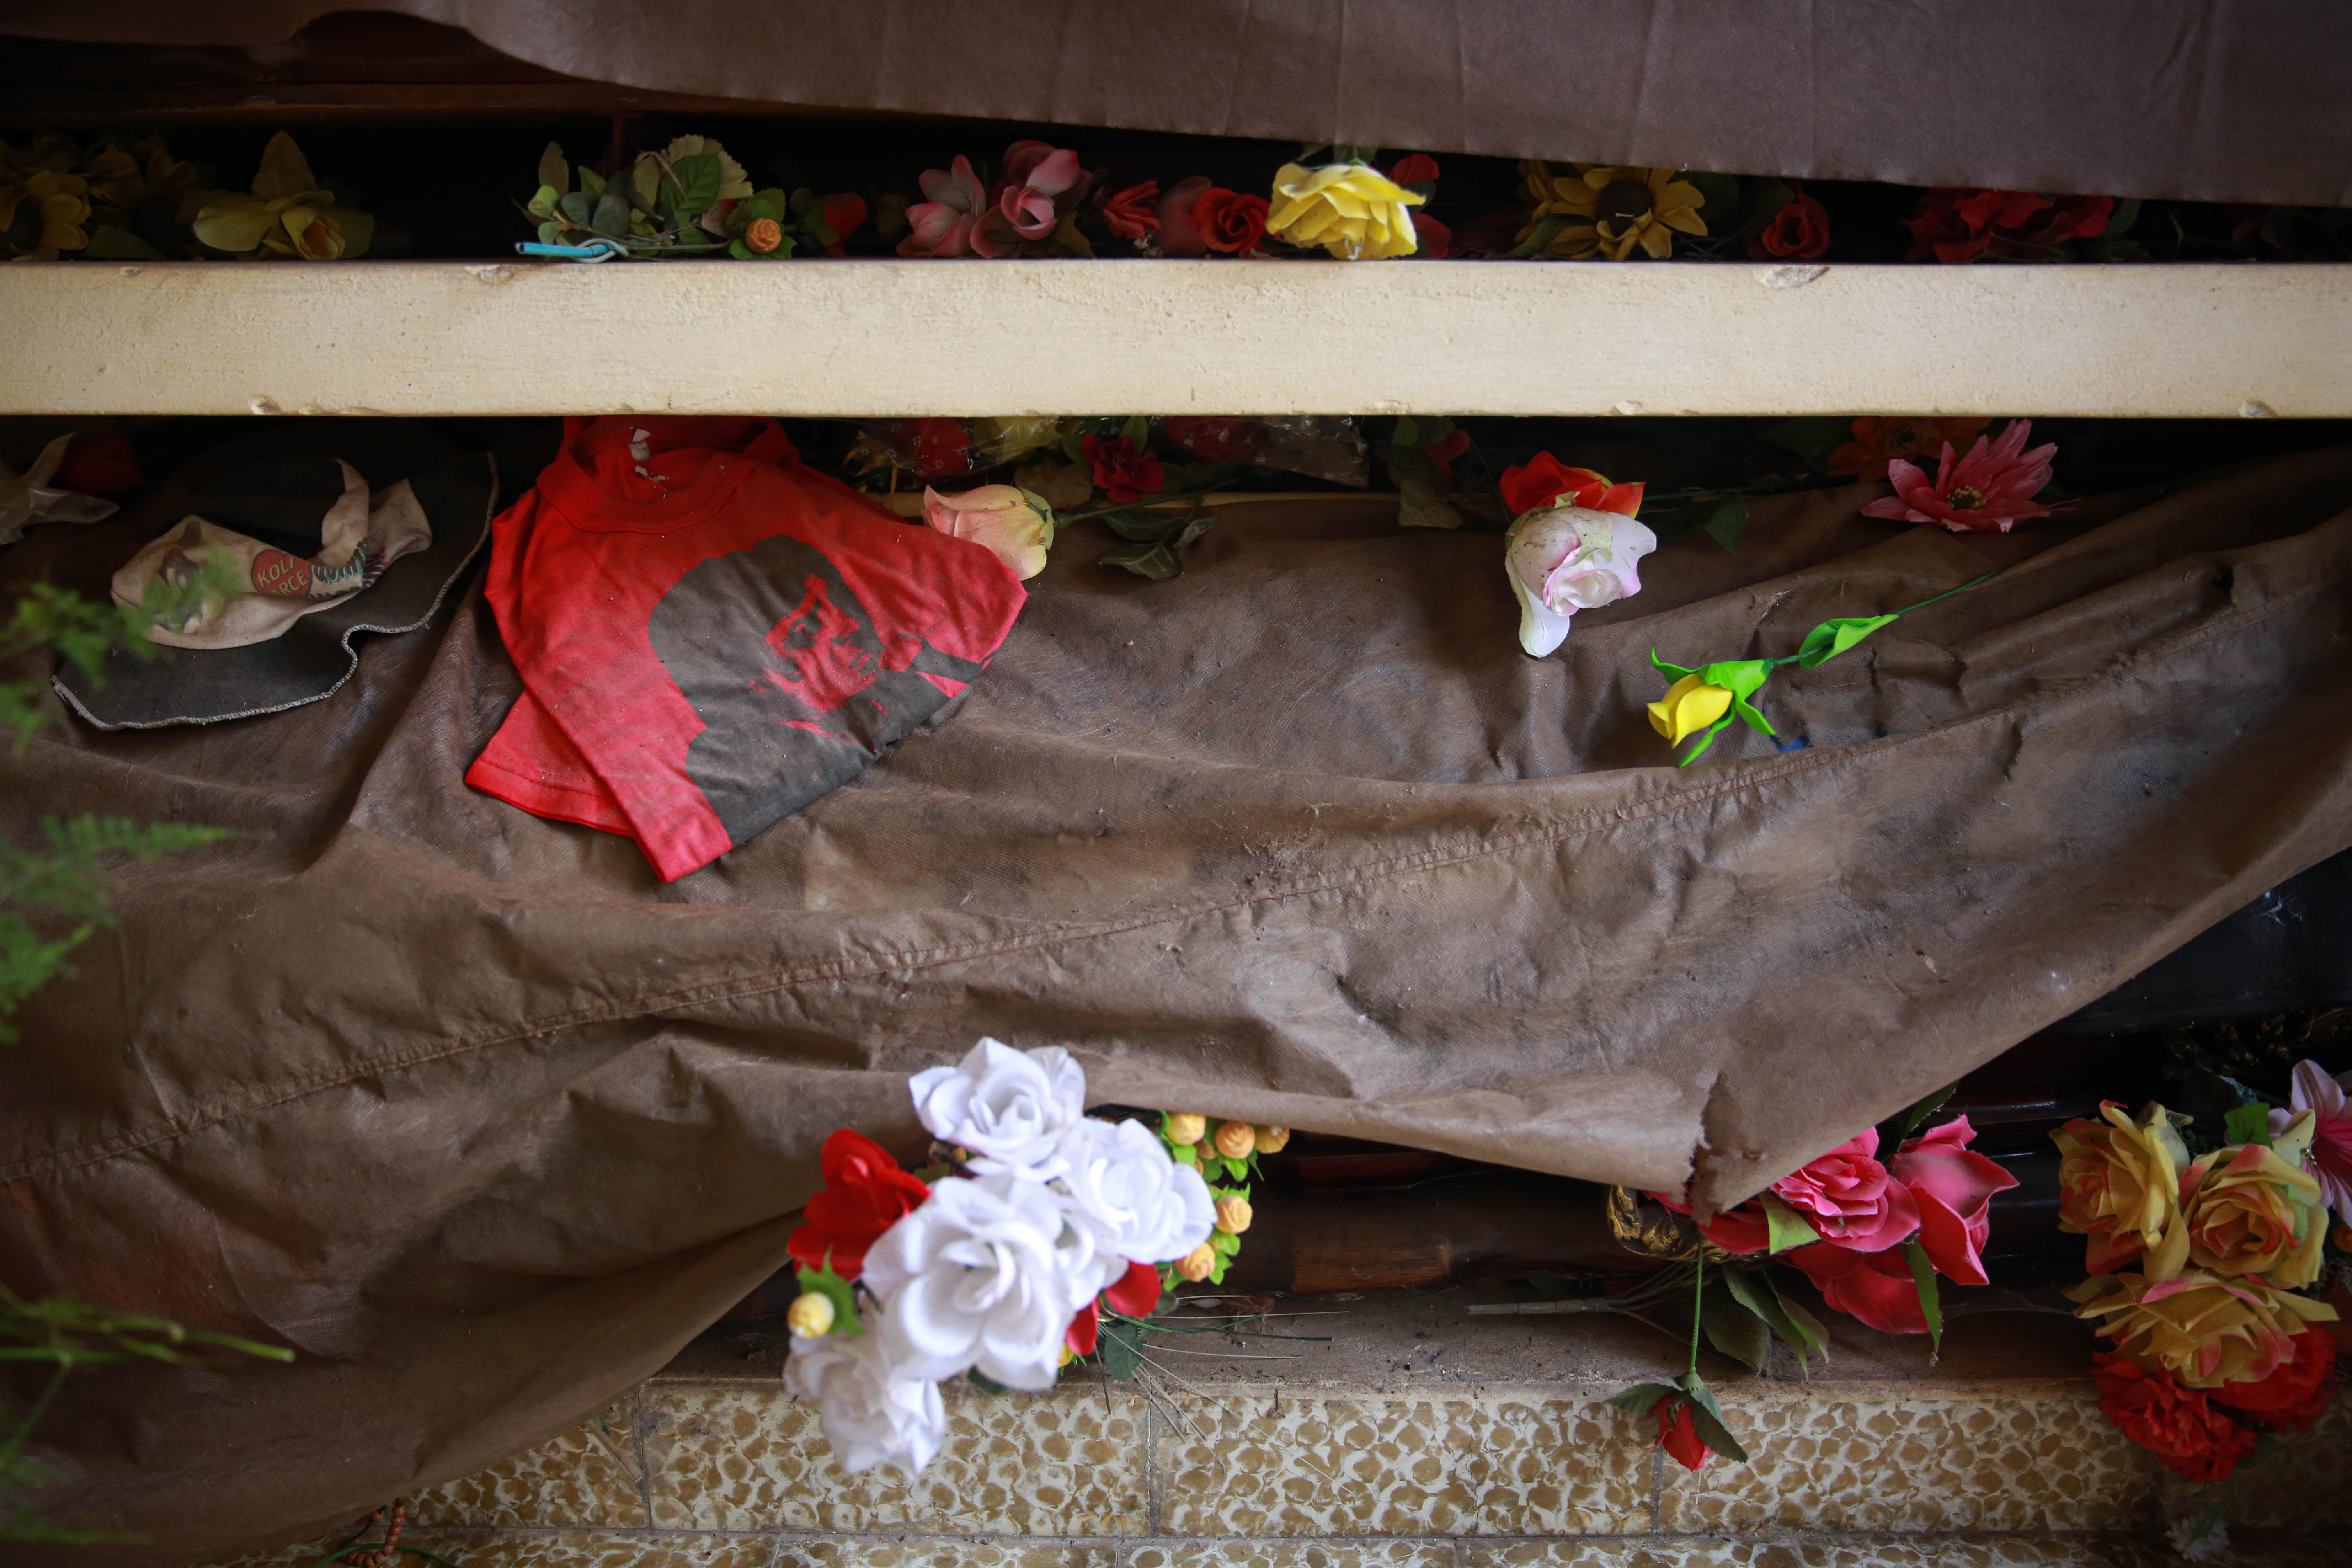 El mausoleo donde descansan los restos de Koli, acompañado de remeras, gorros, rosarios y otros objetos que sus fans le dejan.